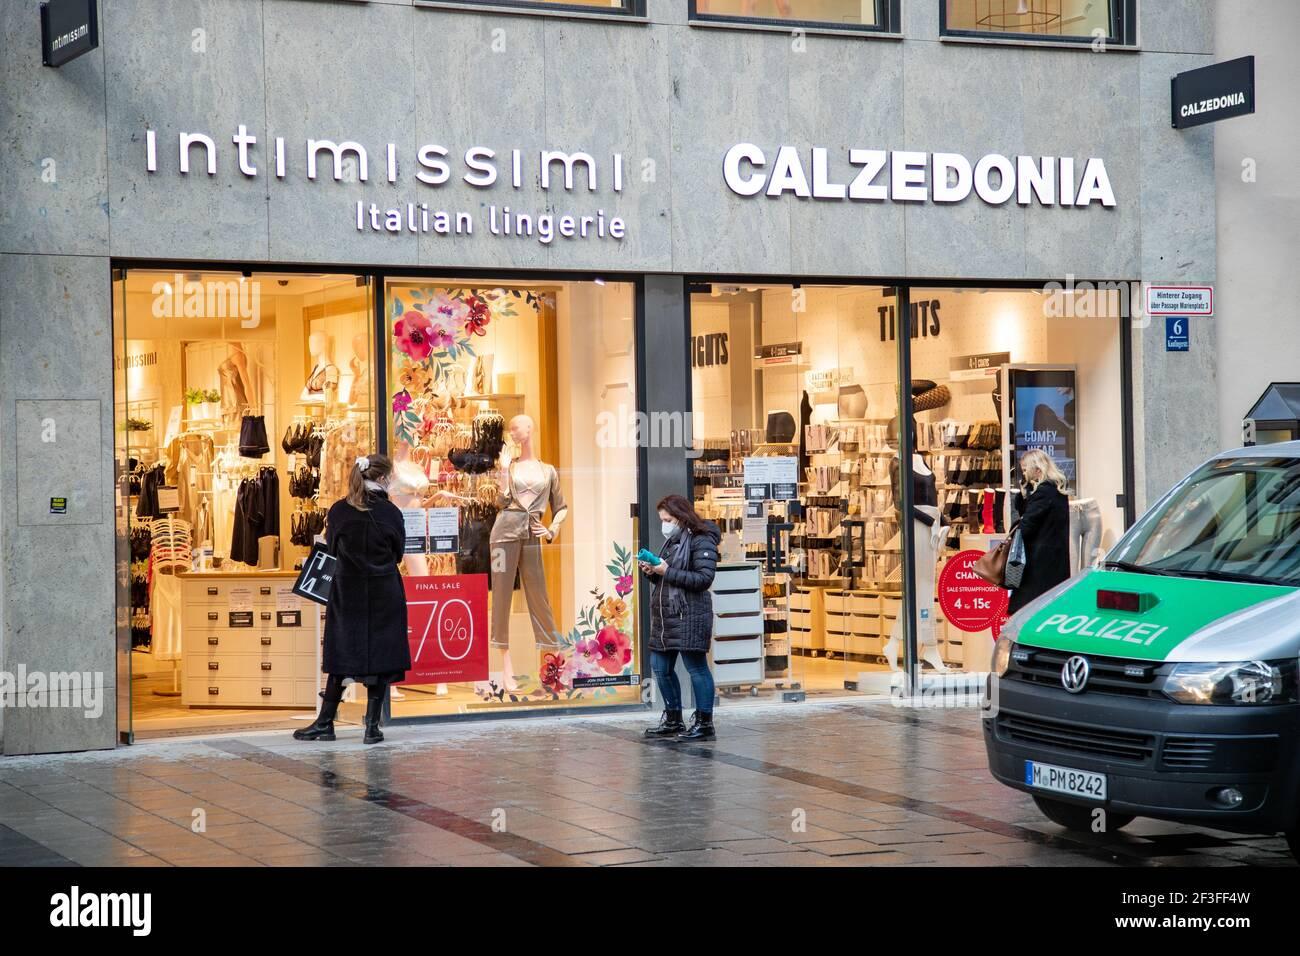 Schlange vor Intimissimo und Calzedonia während die Polizei dran vorbeifährt. Viele Menschen nutzen den Nachmittag am 16.3.2021, UM in der Innenstadt von München einzukaufen. Da die Inzidez in München weiter über 50 liegt und sogar stetig steigt, muss man zum Shoppen (in der Fußgängerzone) vorher einen Termin vereinbaren. - beaucoup de gens utilisent l'occasion le 16 2021 mars pour faire du shopping dans le centre-ville de Munich. Comme l'incidence est plus de 50 et est en hausse, il faut s'enregistrer avant d'acheter. (Photo par Alexander Pohl/Sipa USA) crédit: SIPA USA/Alay Live News Banque D'Images